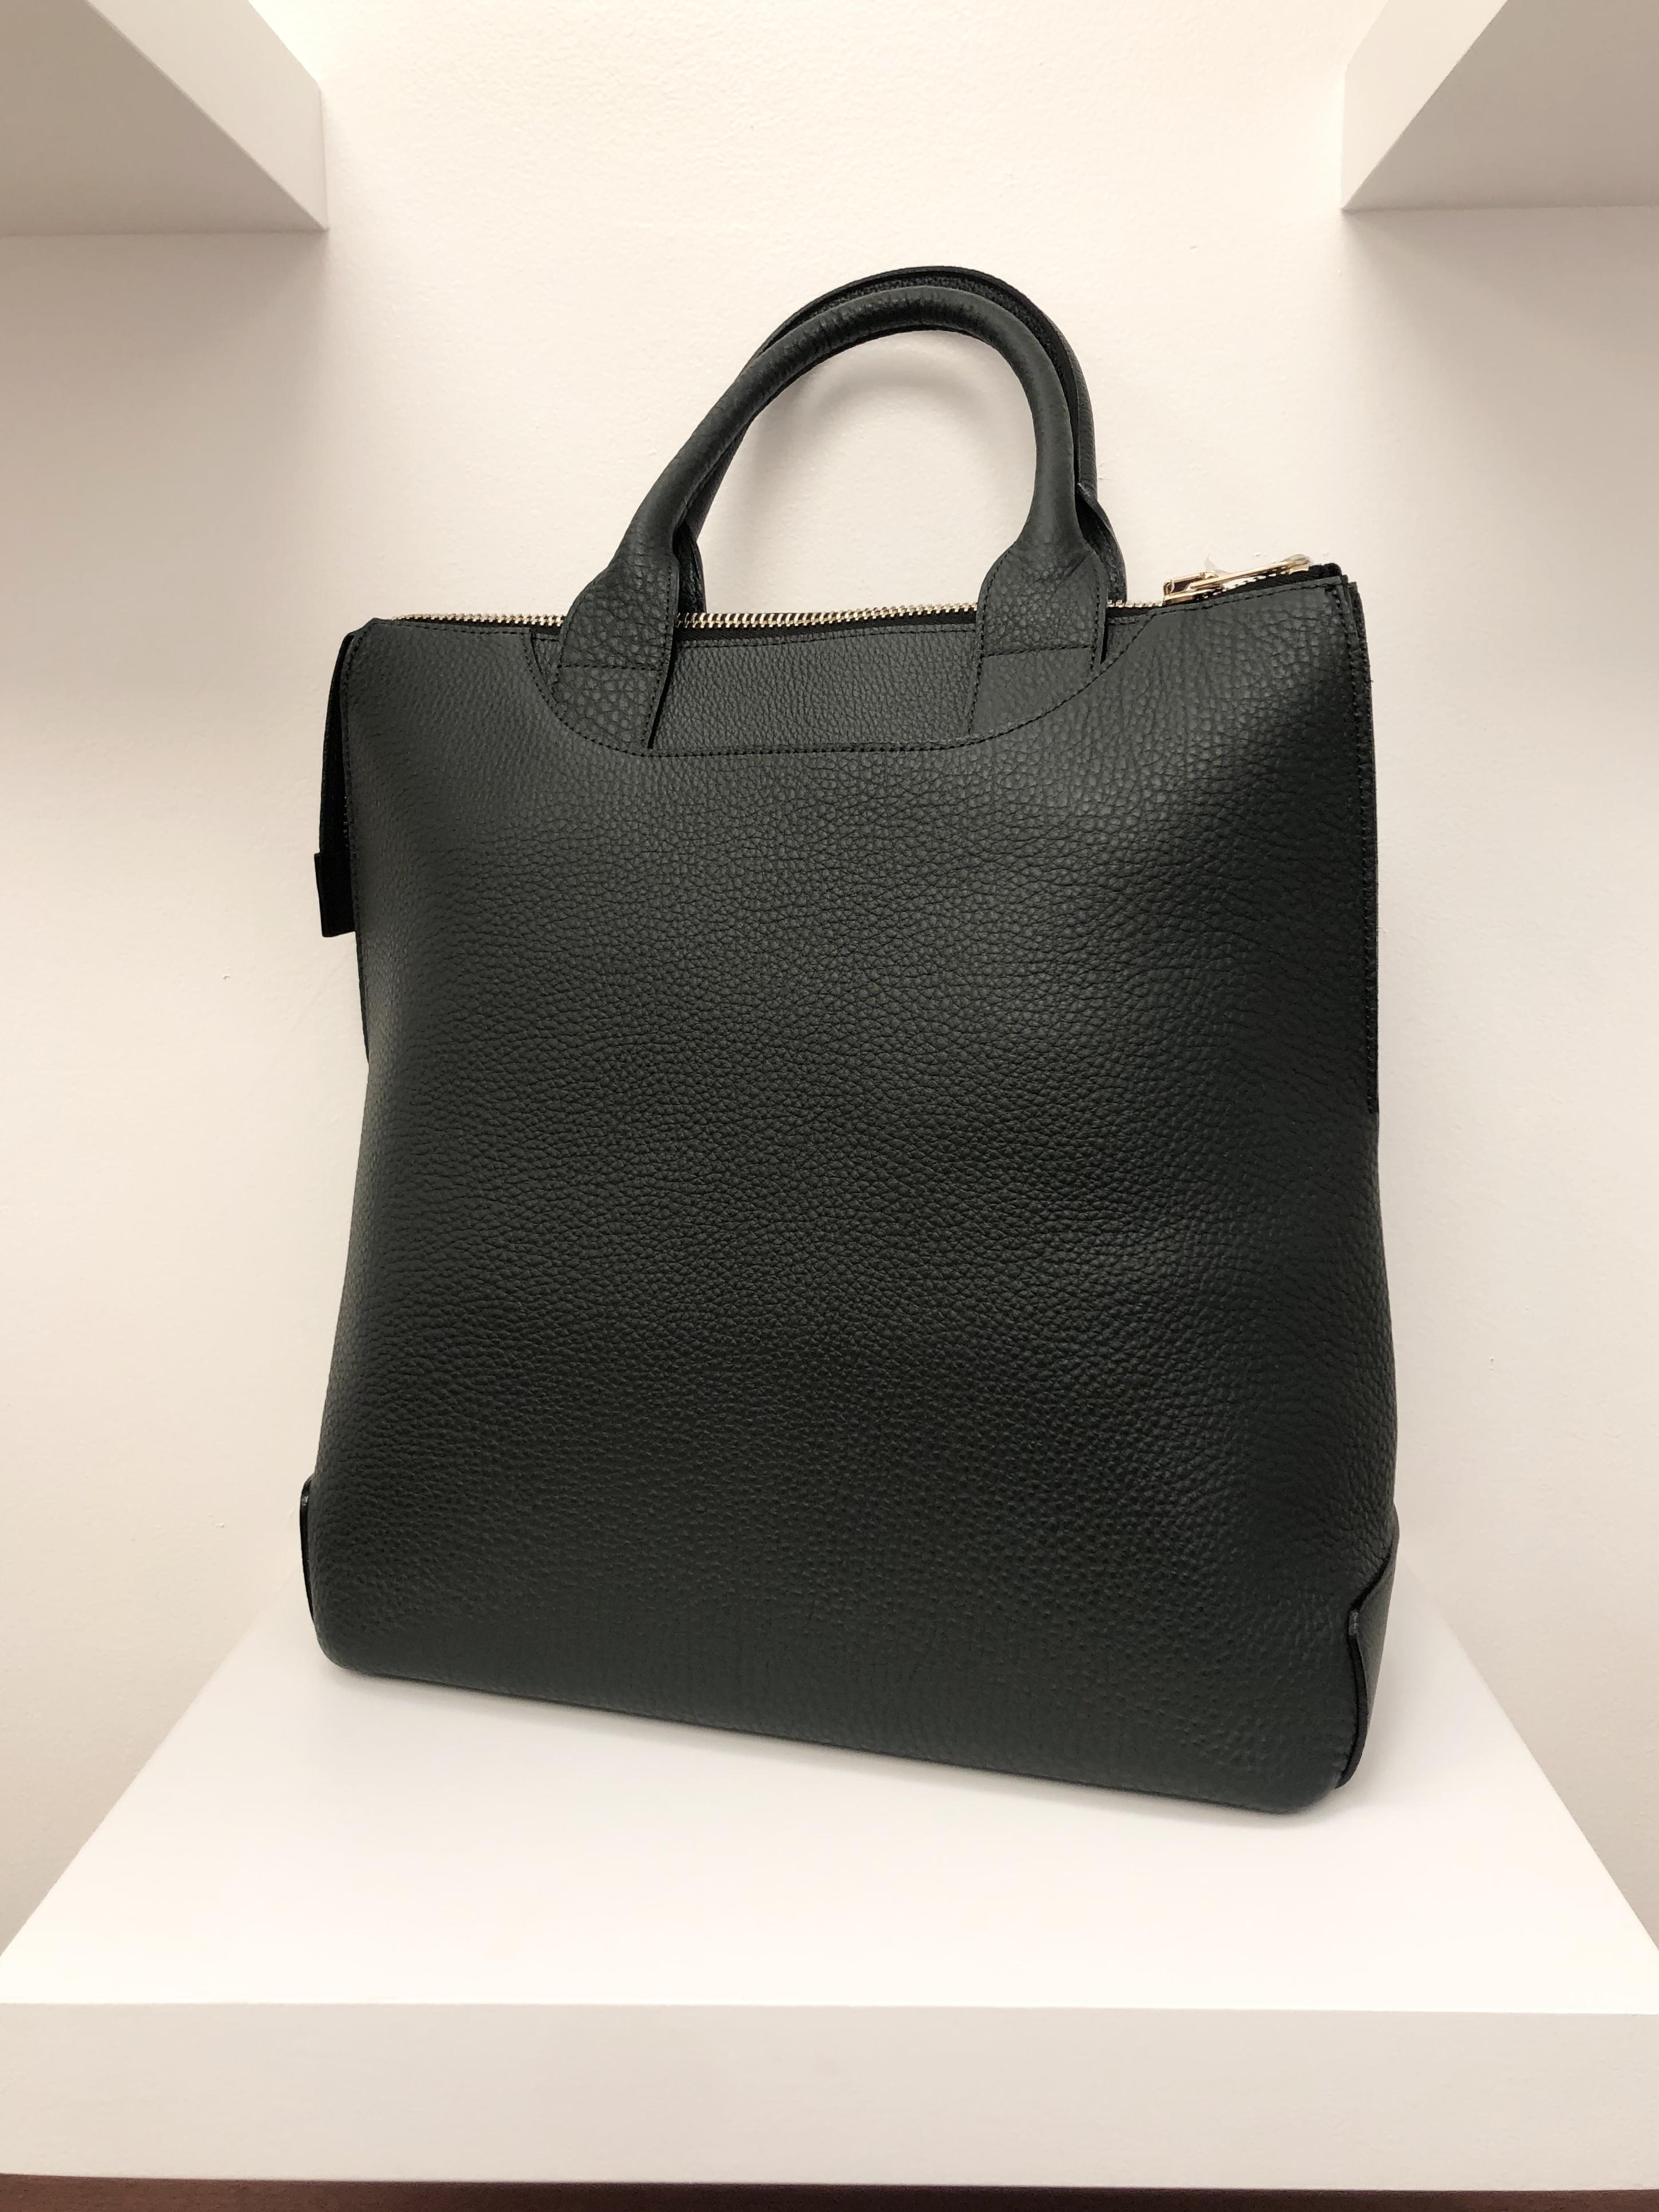 【Epoi本店】ラスト1点のお仕事バッグ